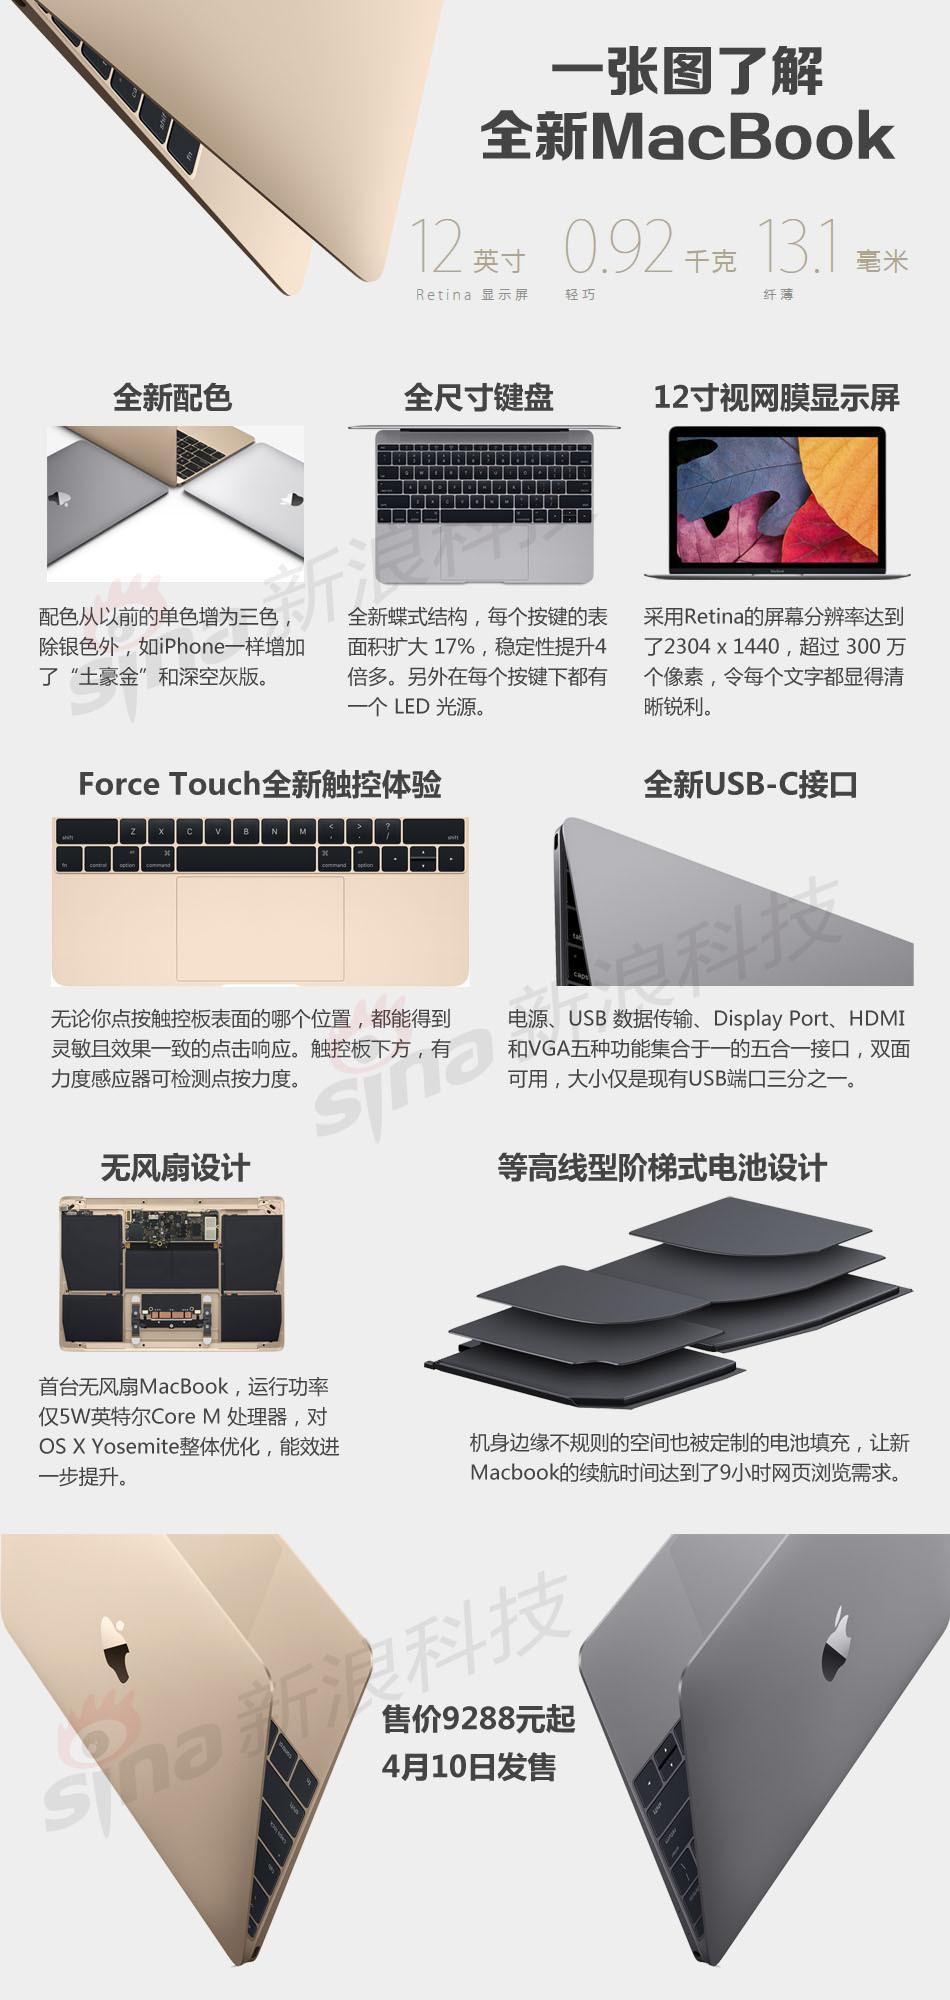 三图流看懂苹果2015新品发布会